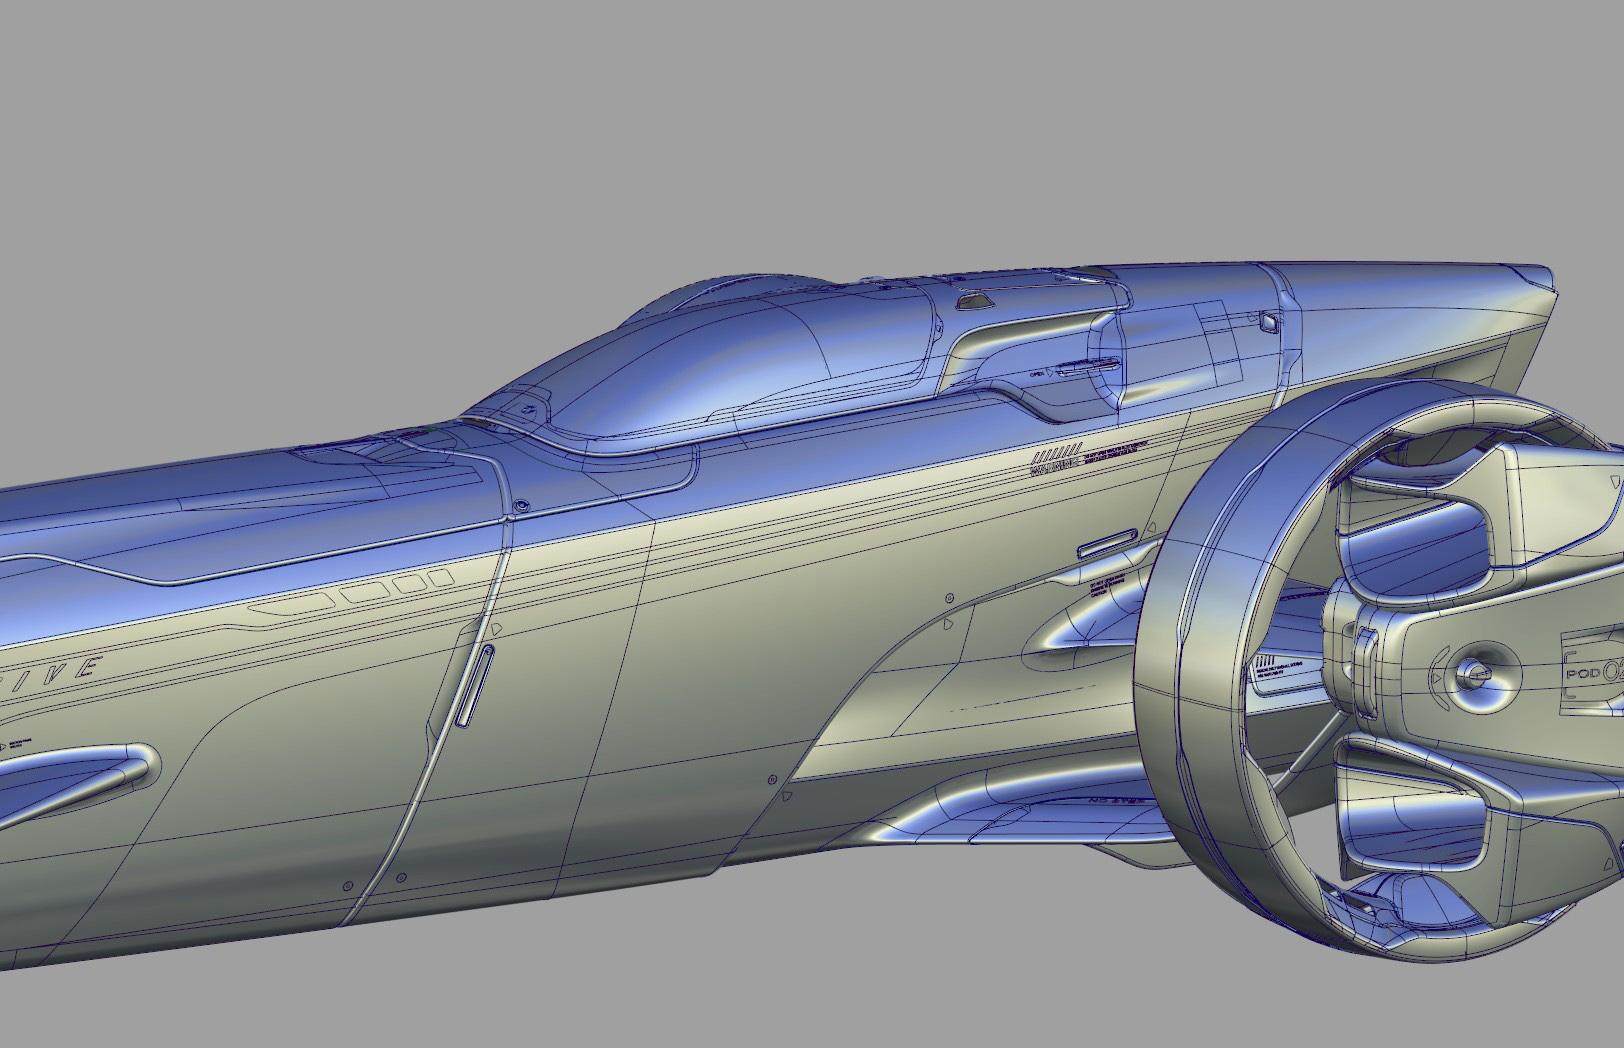 Sci Fi car modeling process